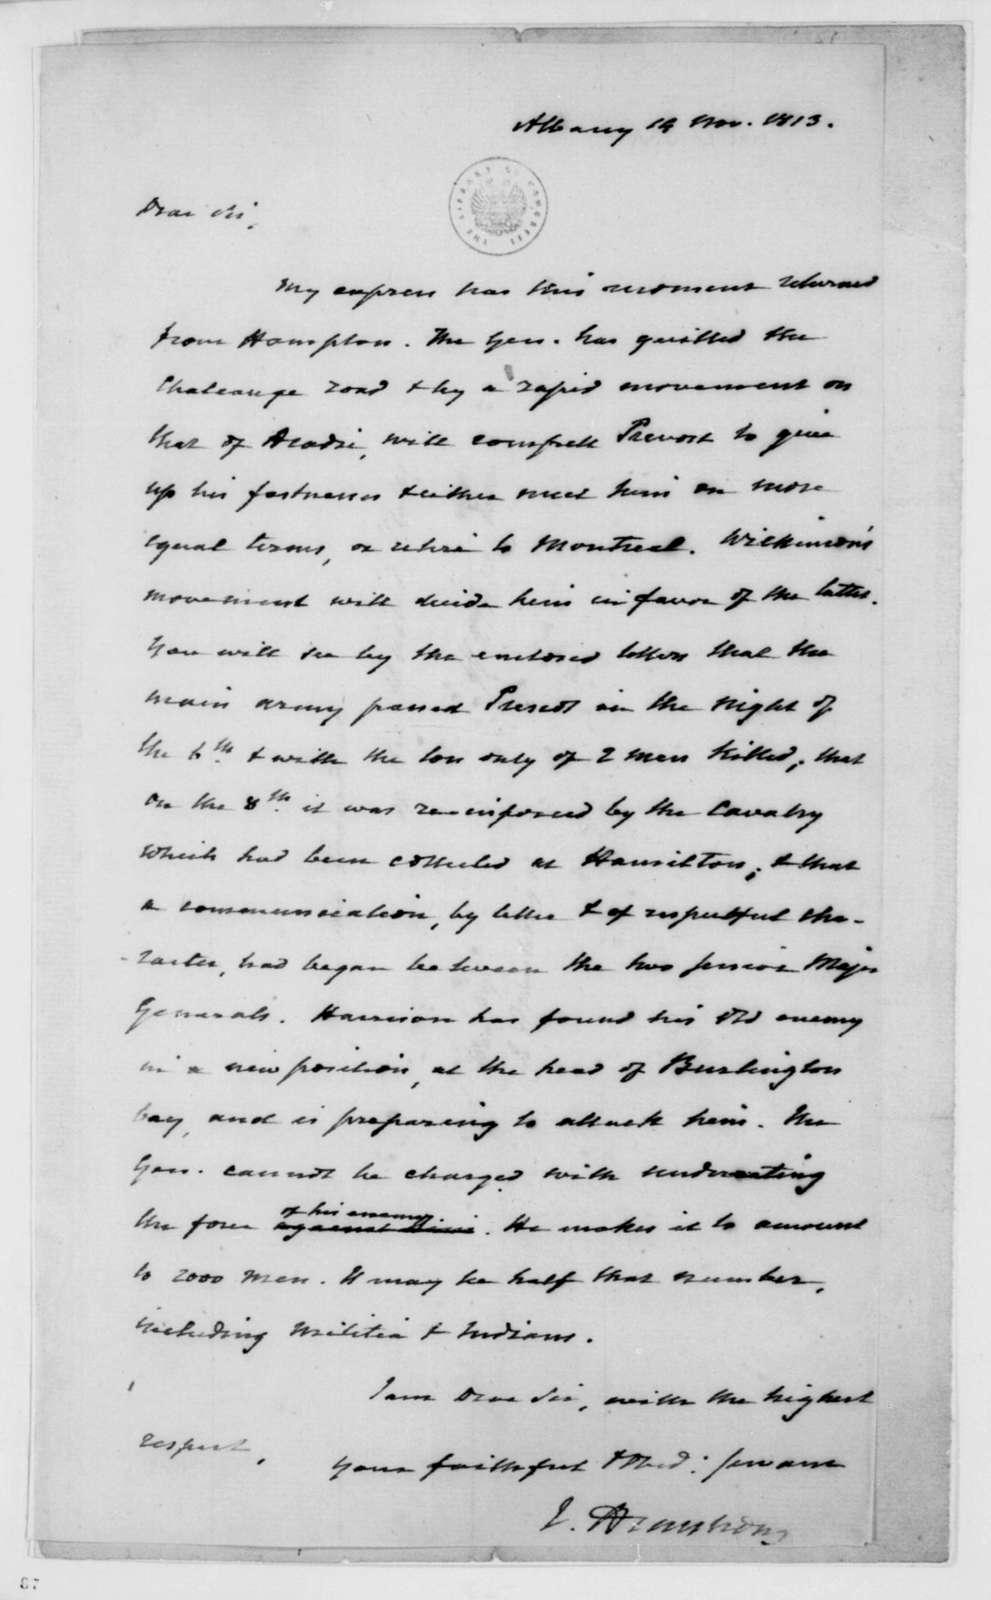 John Armstrong to James Madison, November 14, 1813.